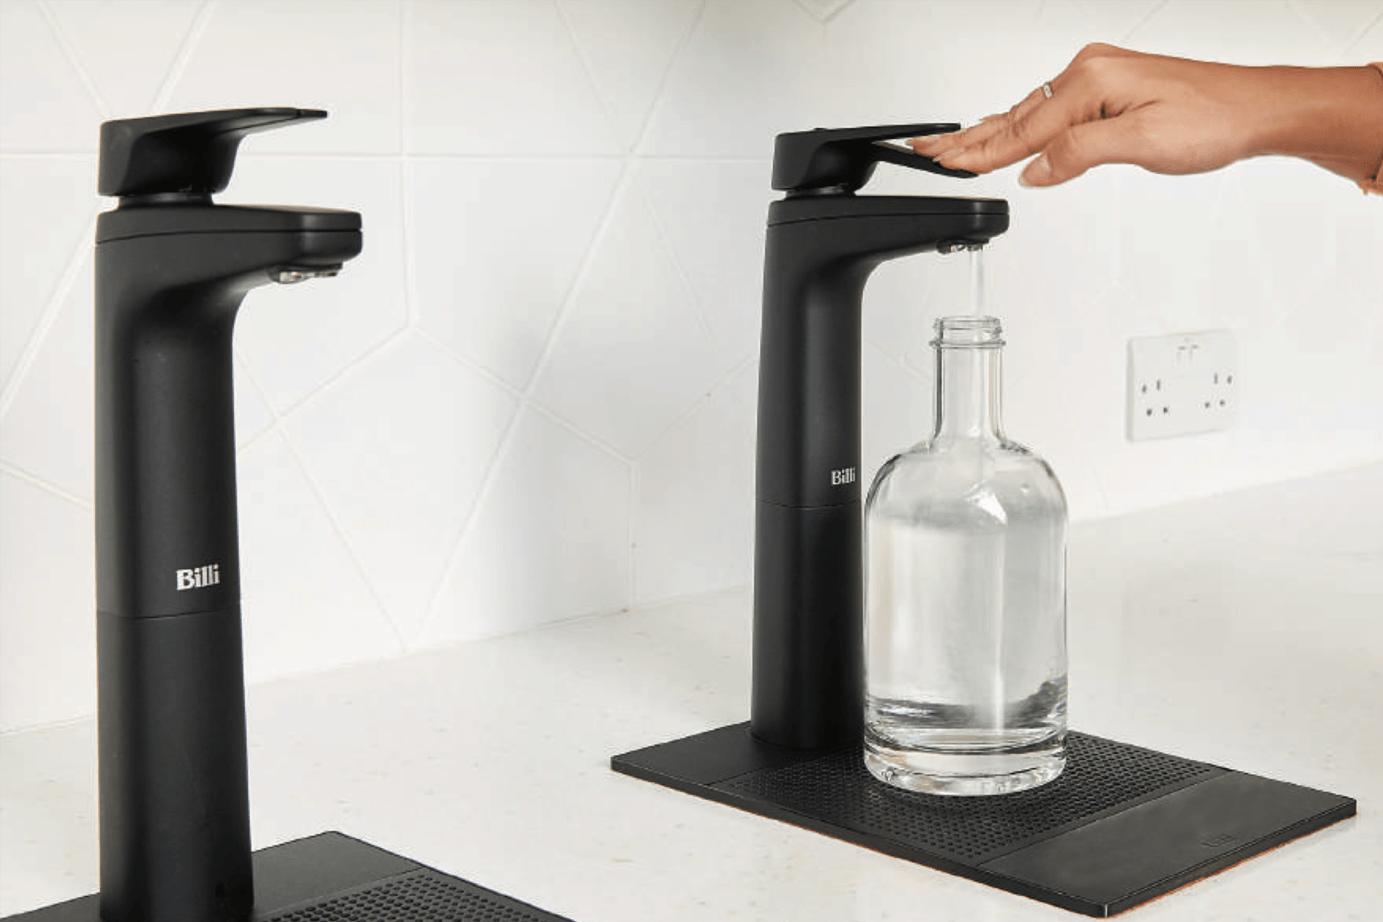 Billi water tap